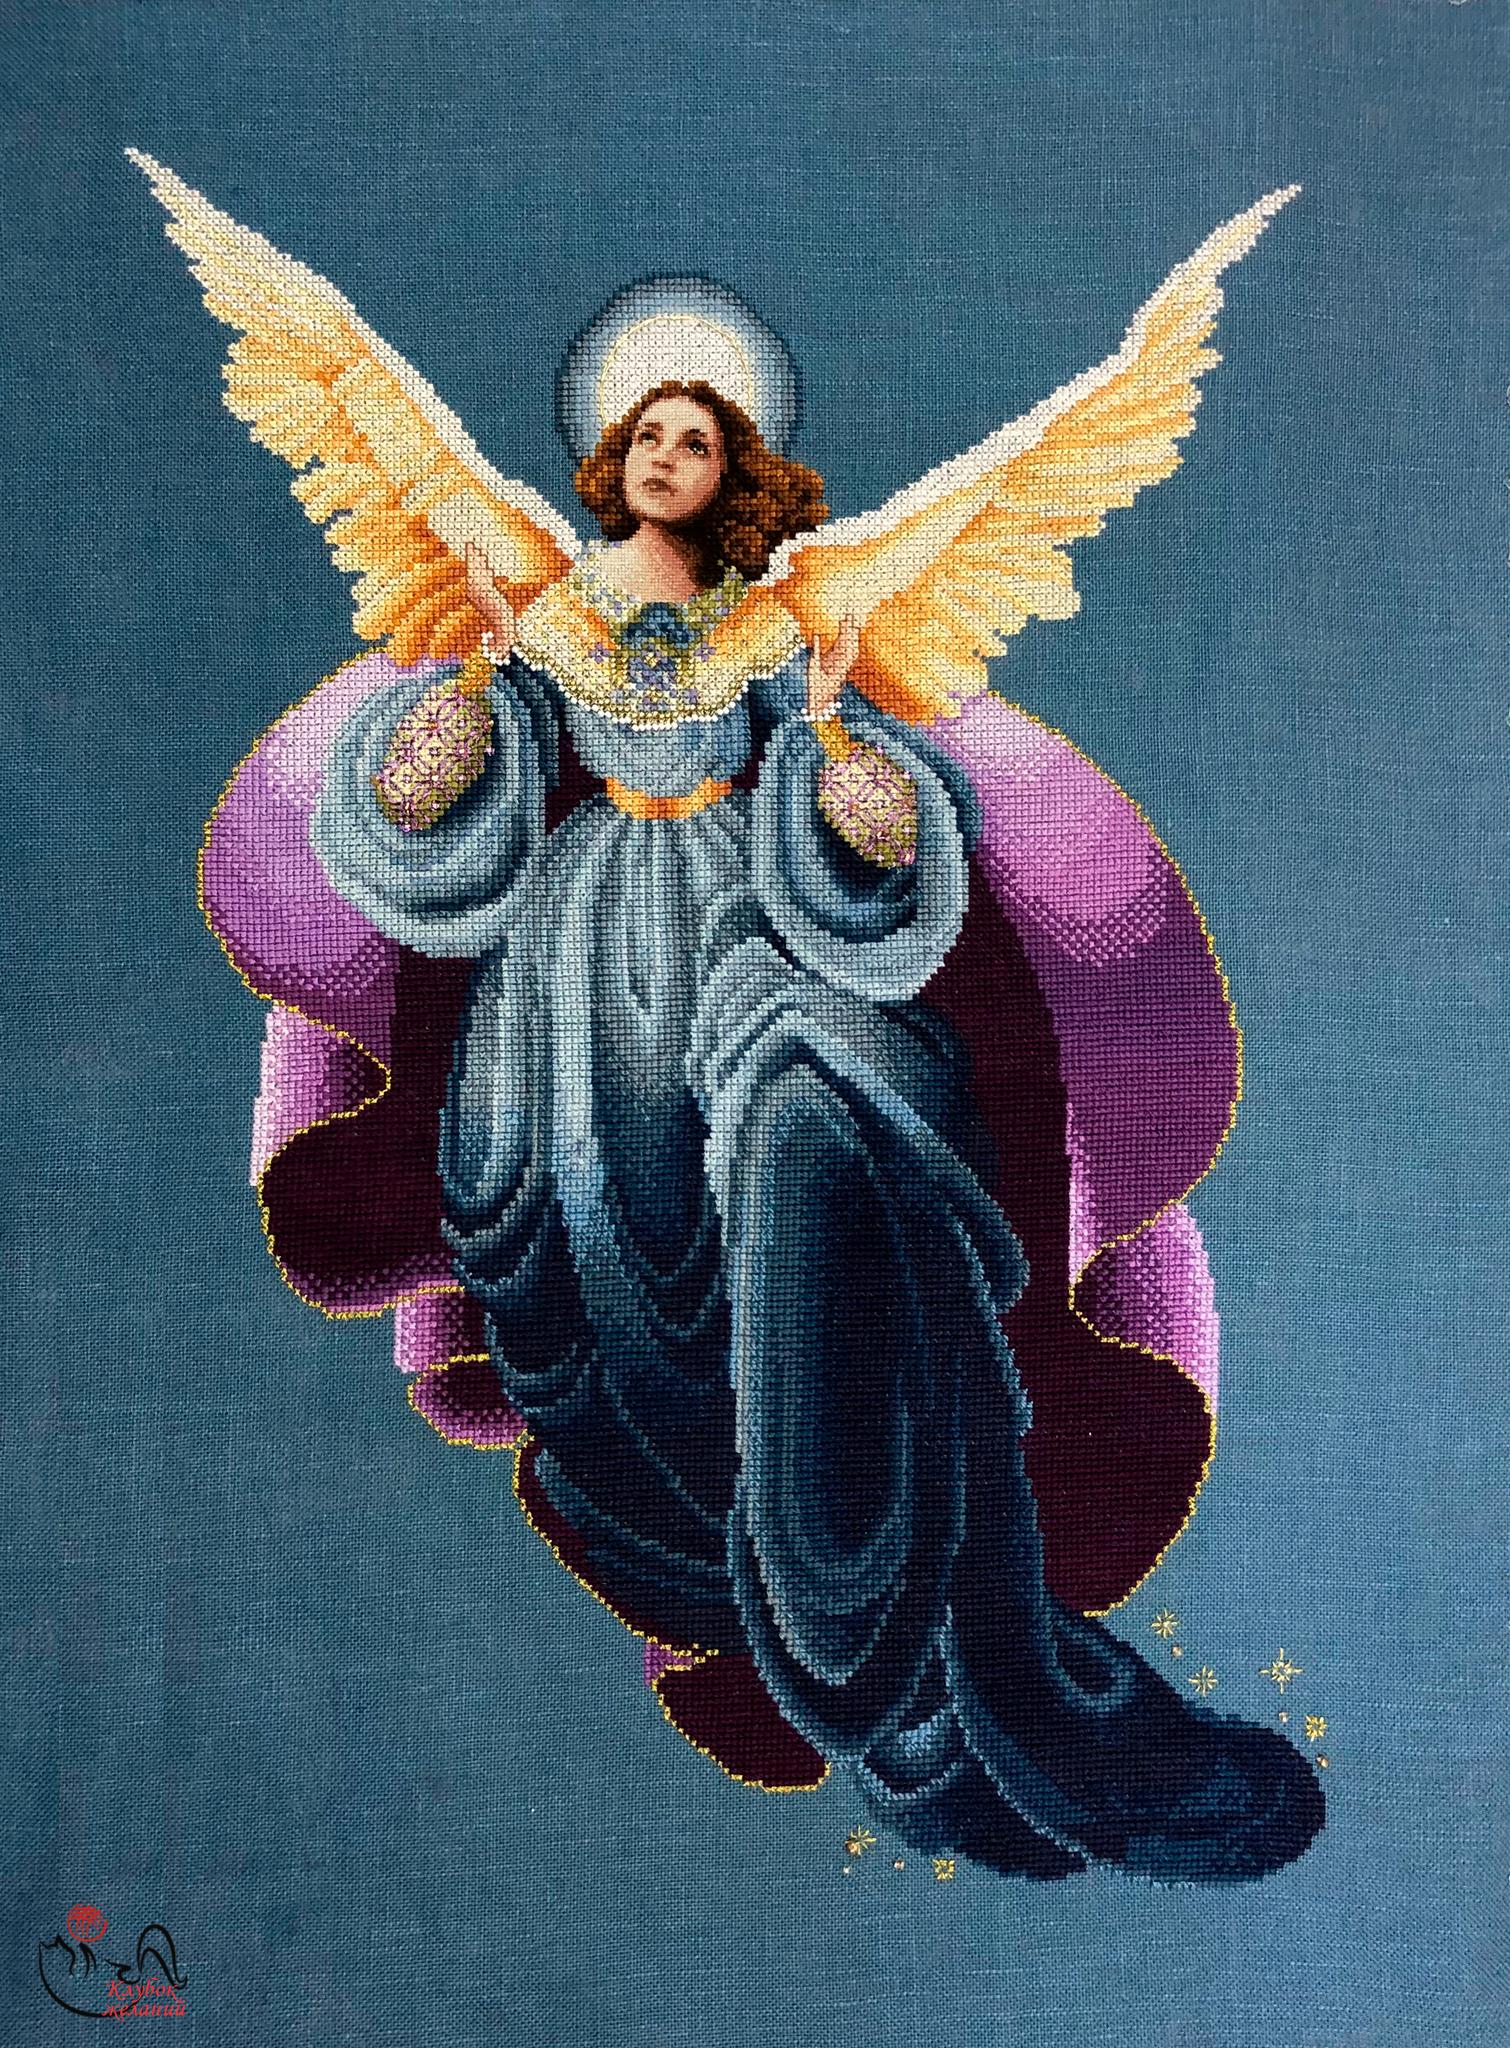 Набор для вышивания Утренний ангел. Арт. 8011